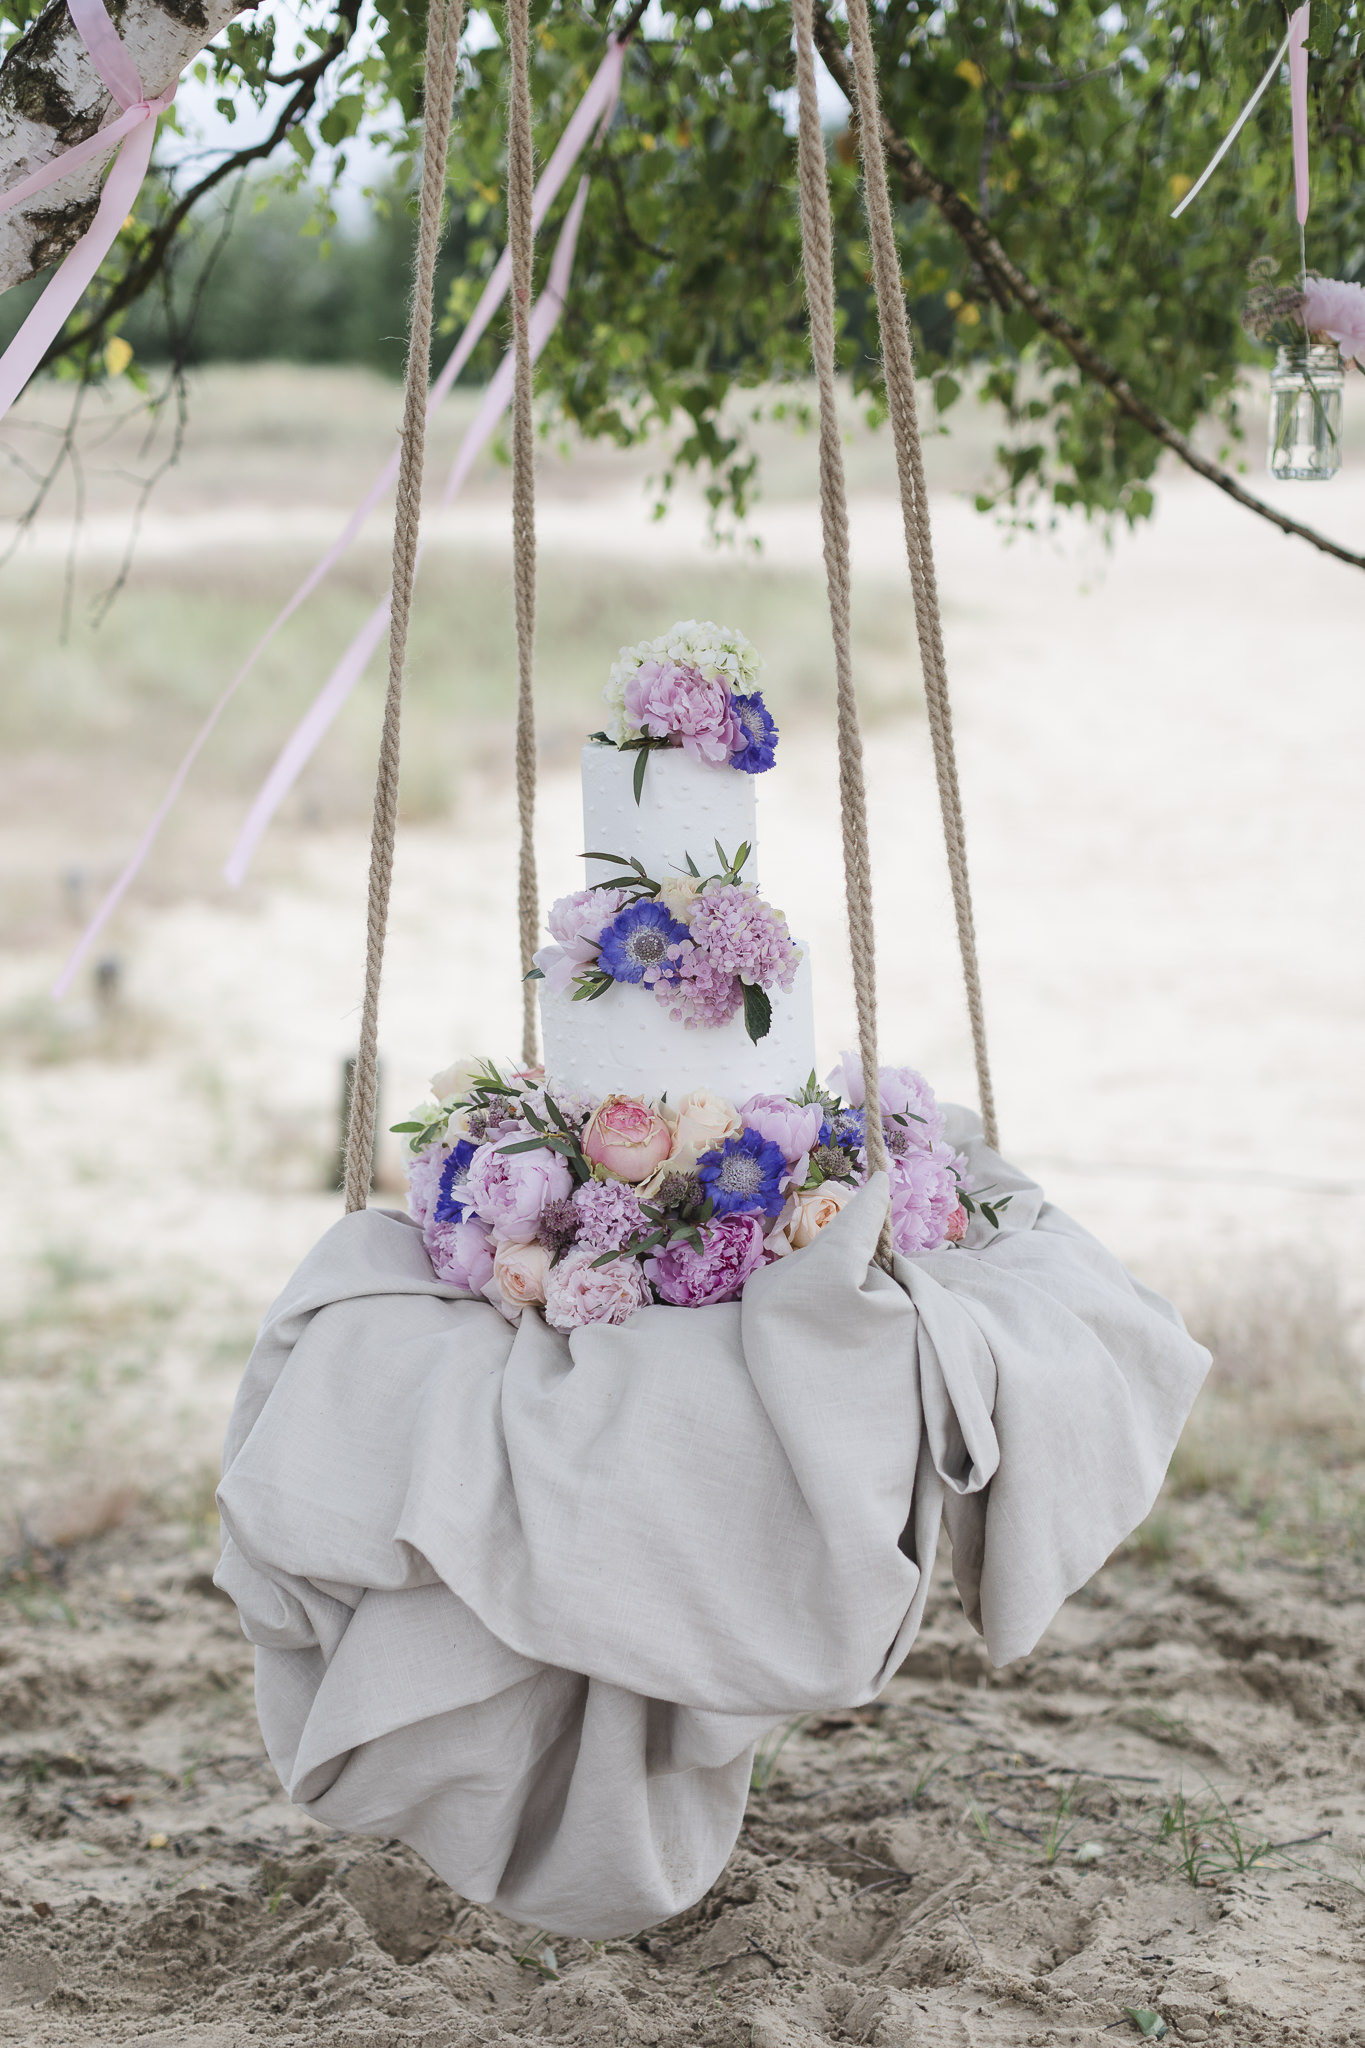 die Hochzeitstorte hängt im Baum